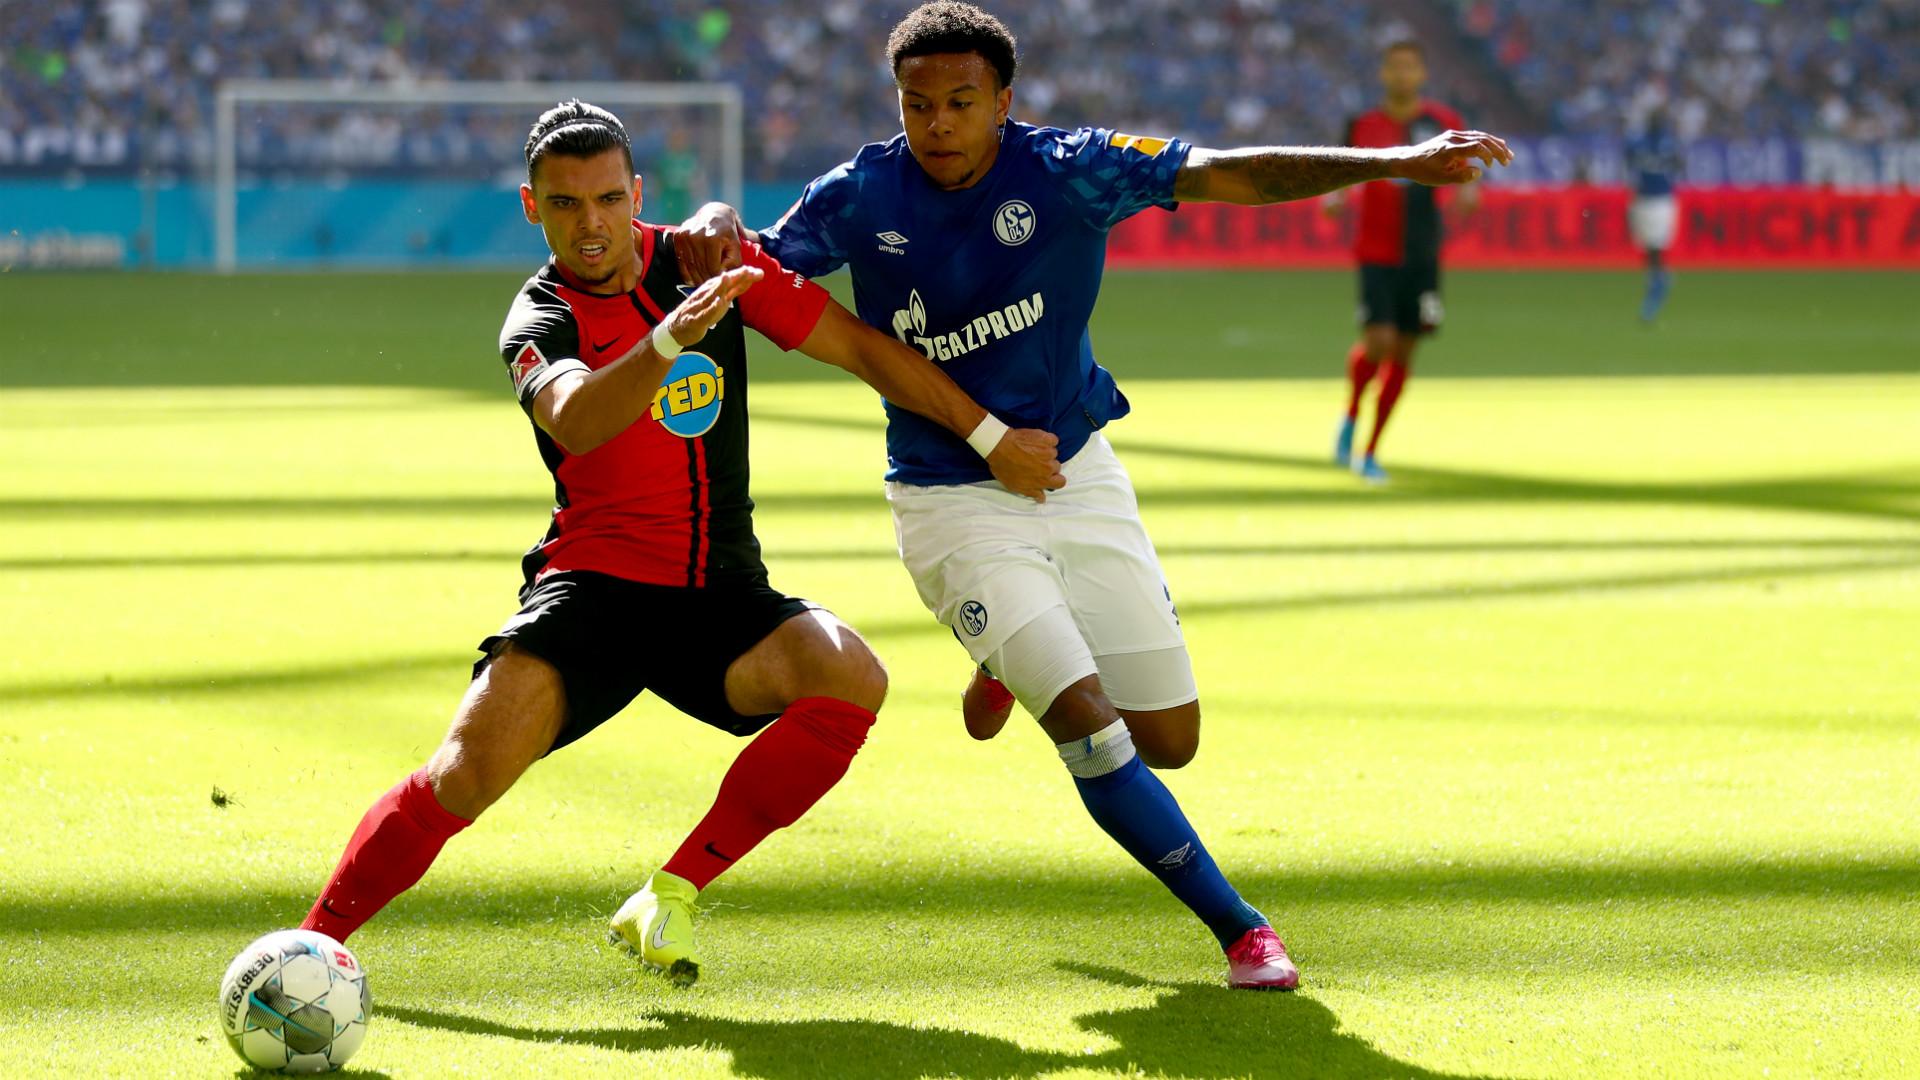 Wer überträgt Die Freitagsspiele Der Bundesliga